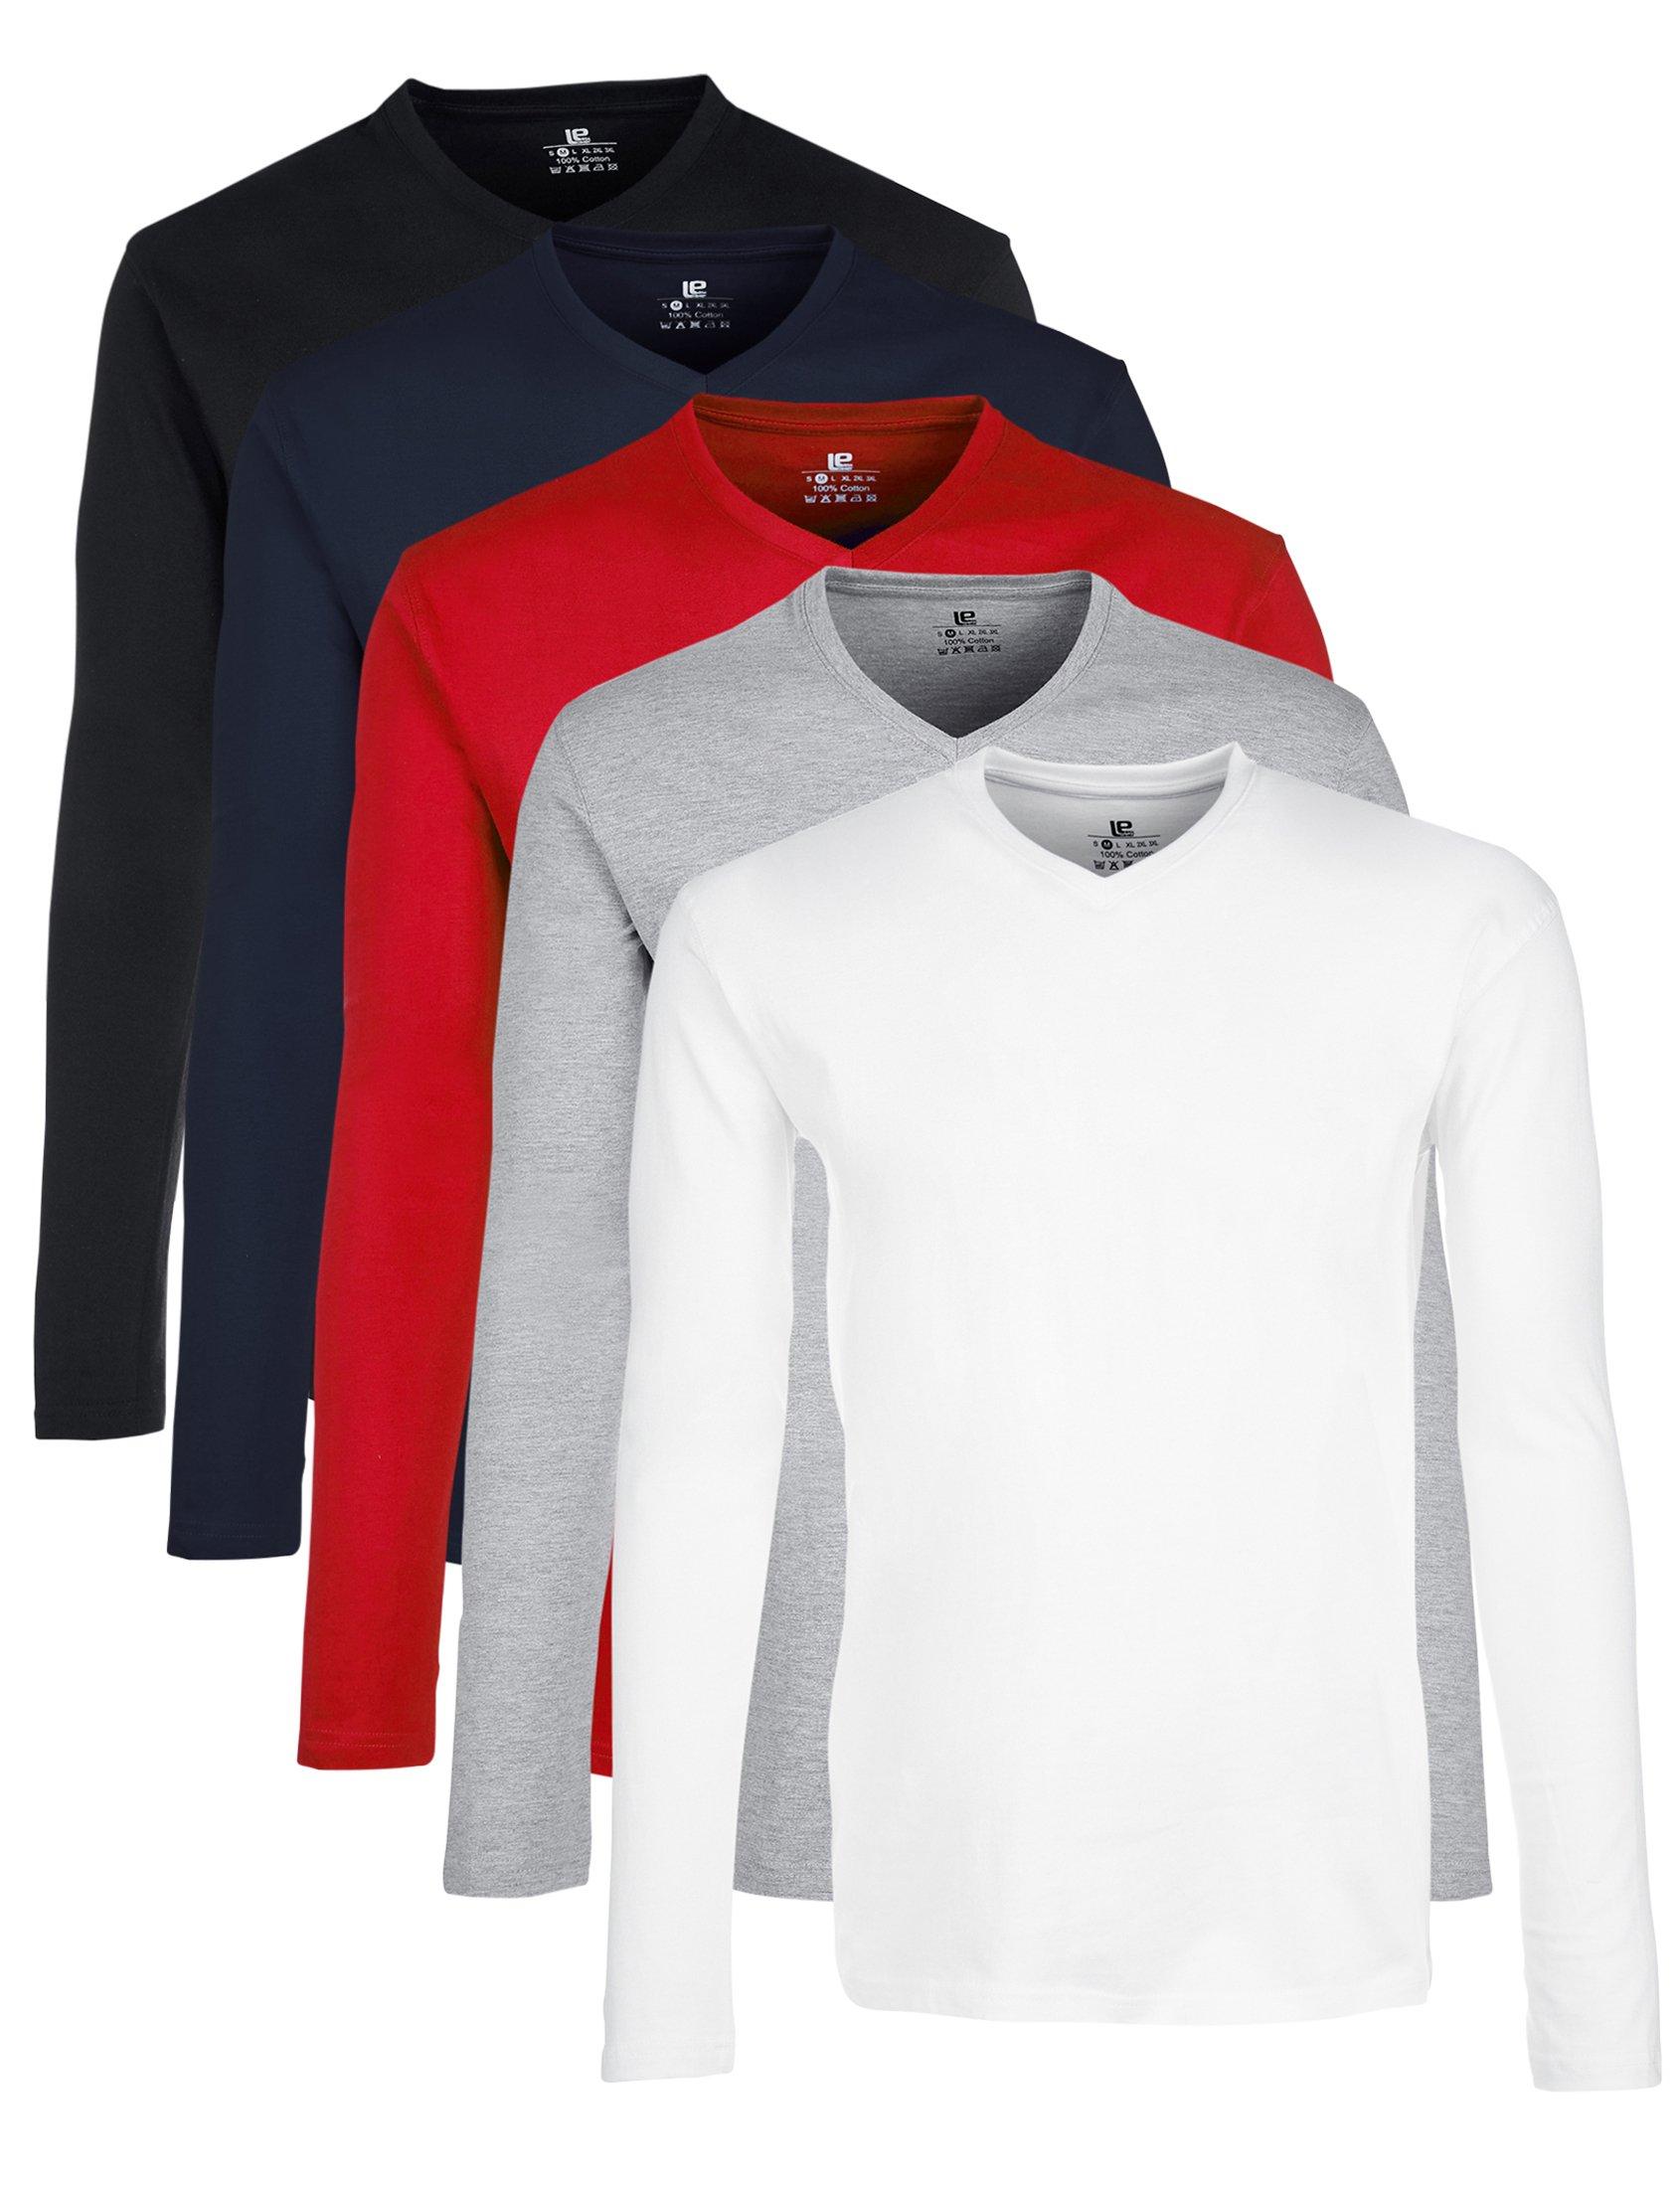 ad606b53df451 Mejor valorados en Camisetas y polos para hombre   Opiniones útiles ...